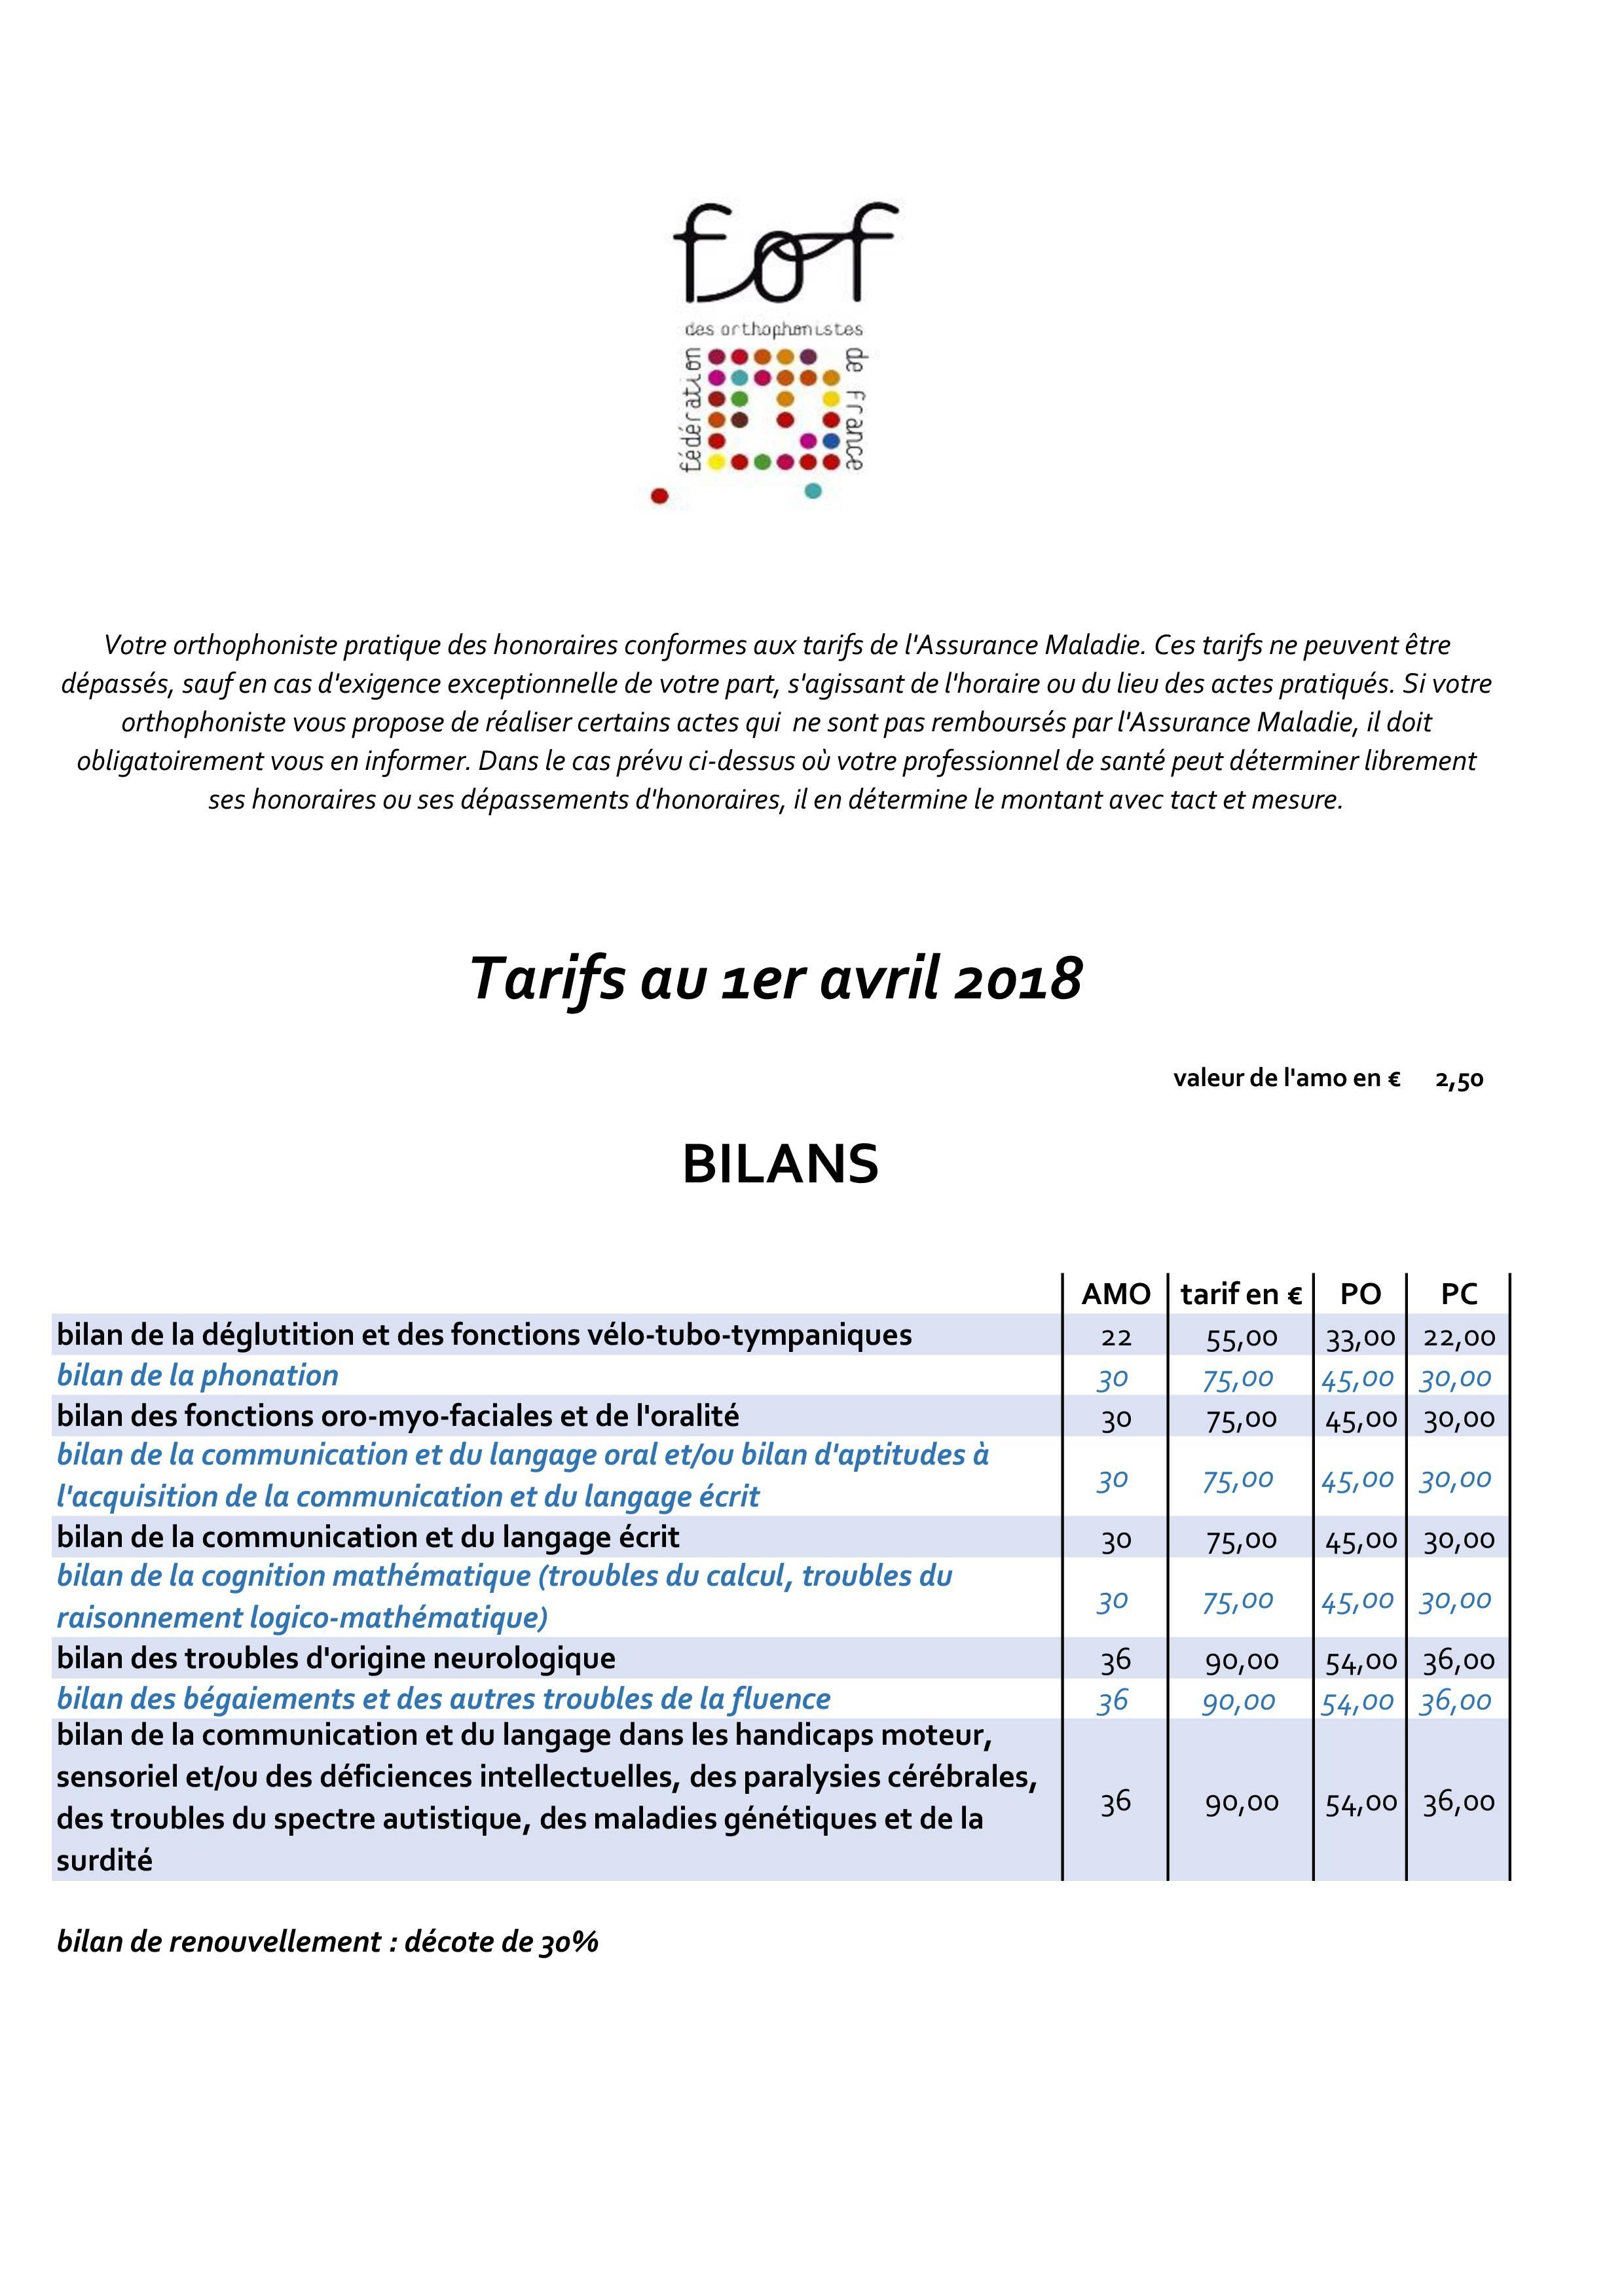 tarifs 2018-04-01 affichage-1.jpg